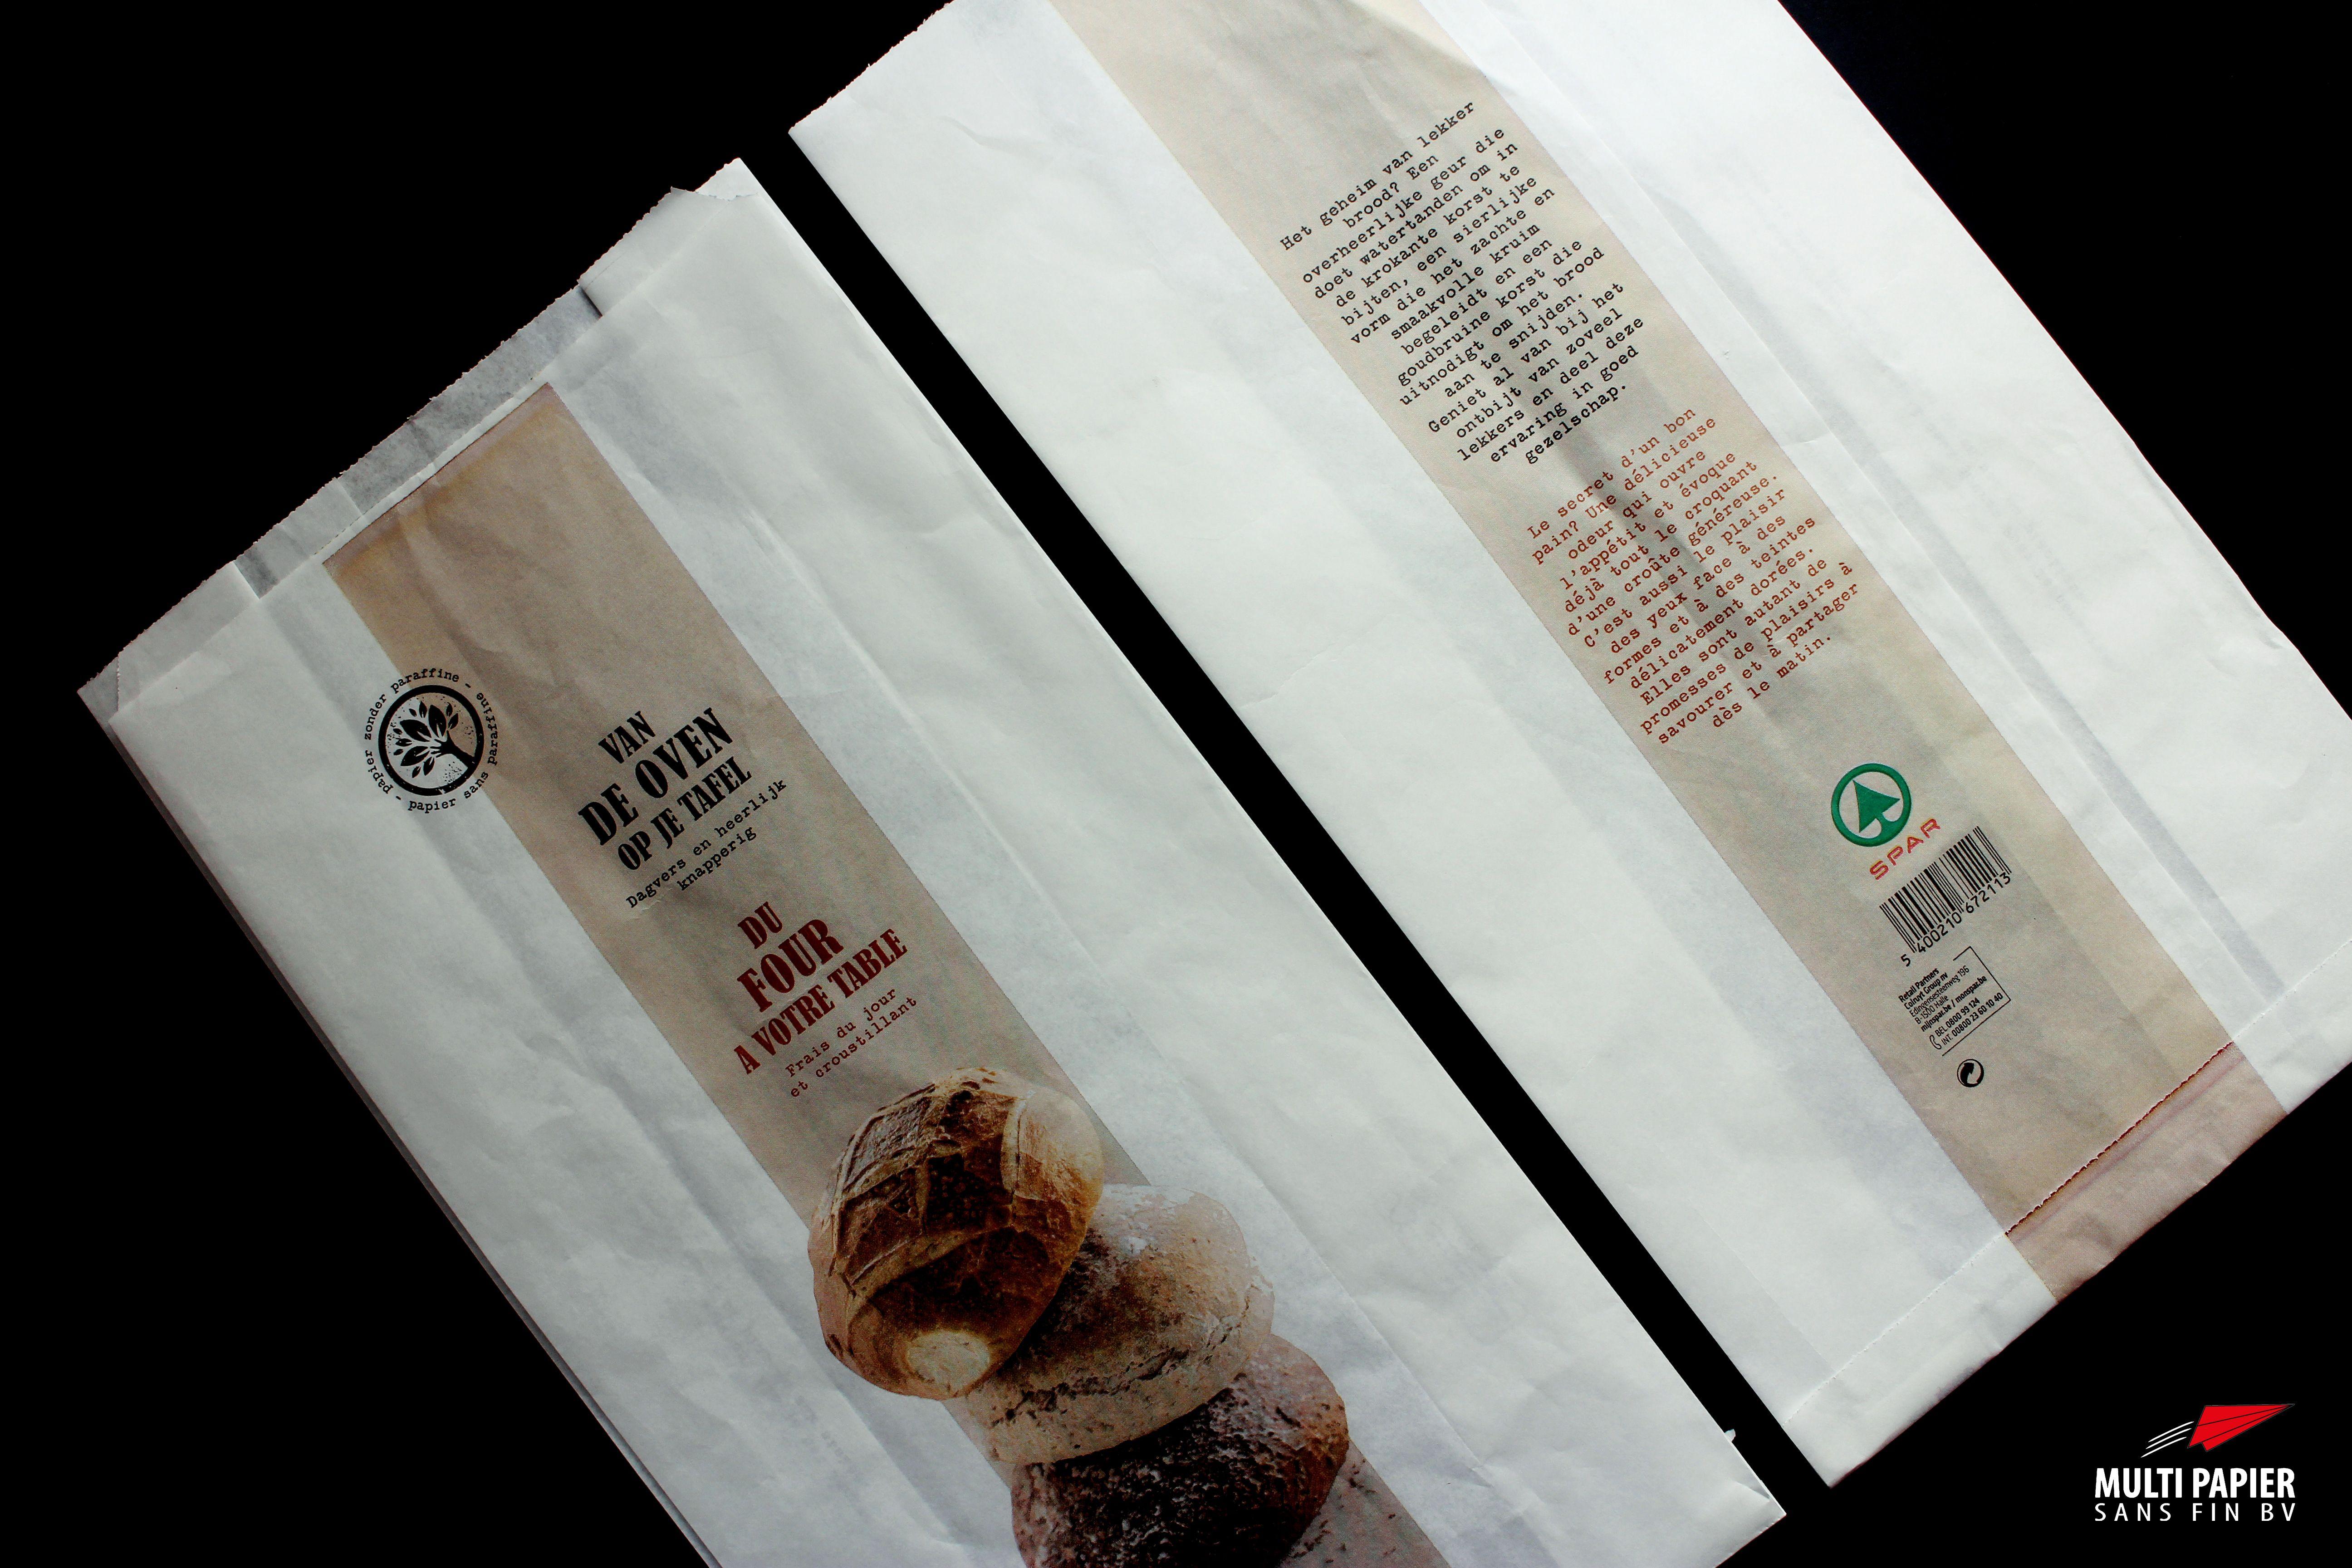 De Papieren Zak : Wiet curen met de papieren zak methode cnnbs